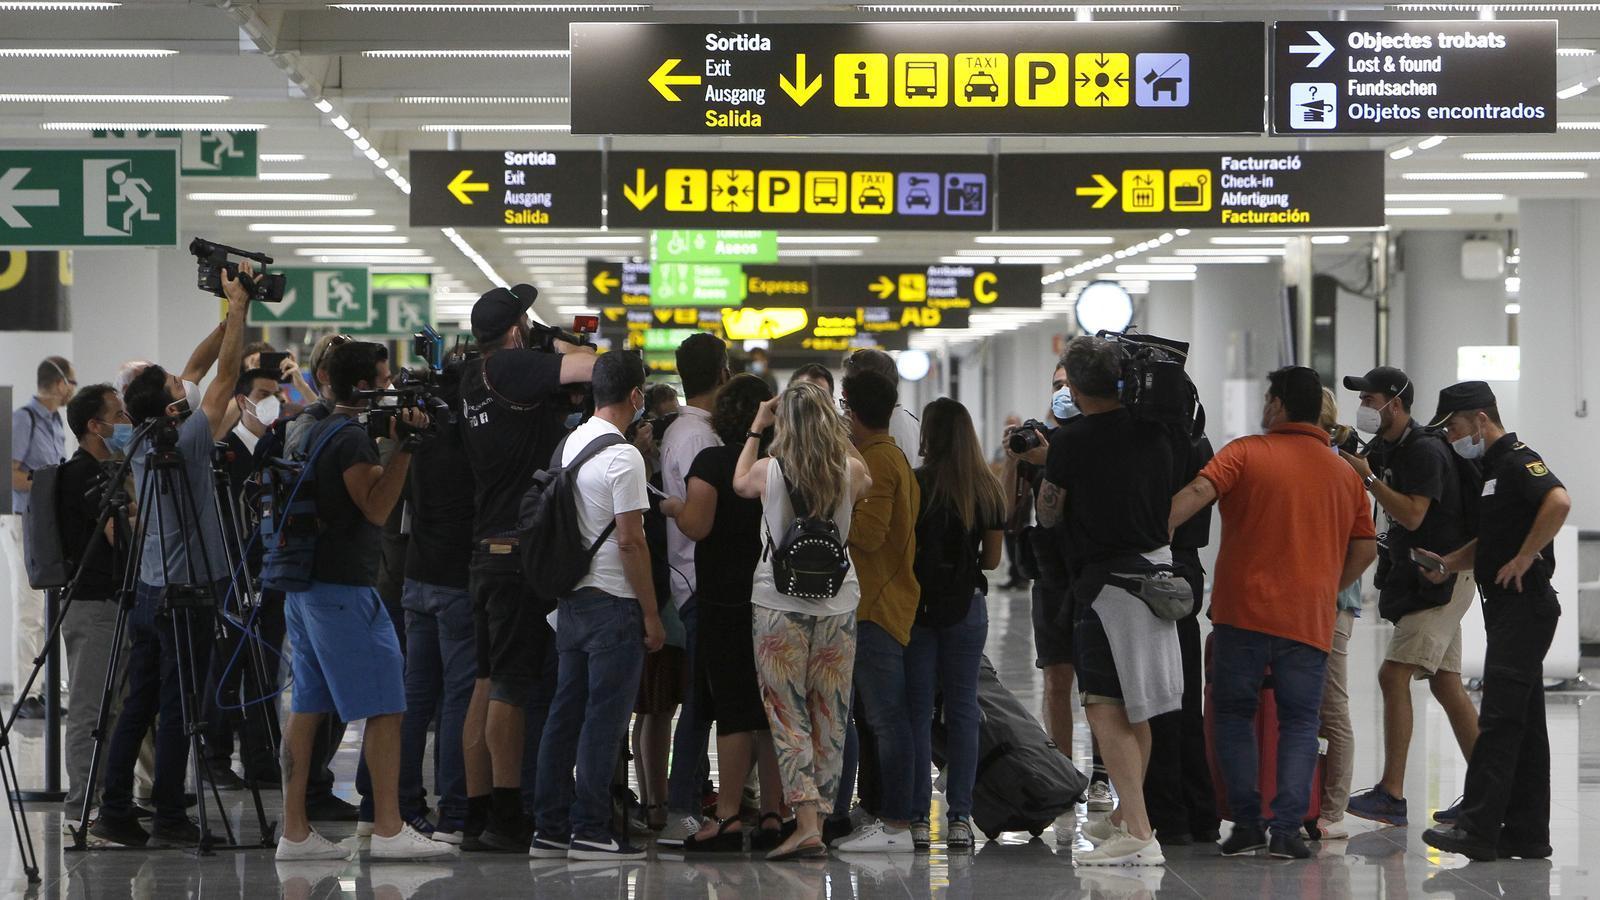 El pla pilot, una operació de màrqueting per impulsar el turisme a Mallorca